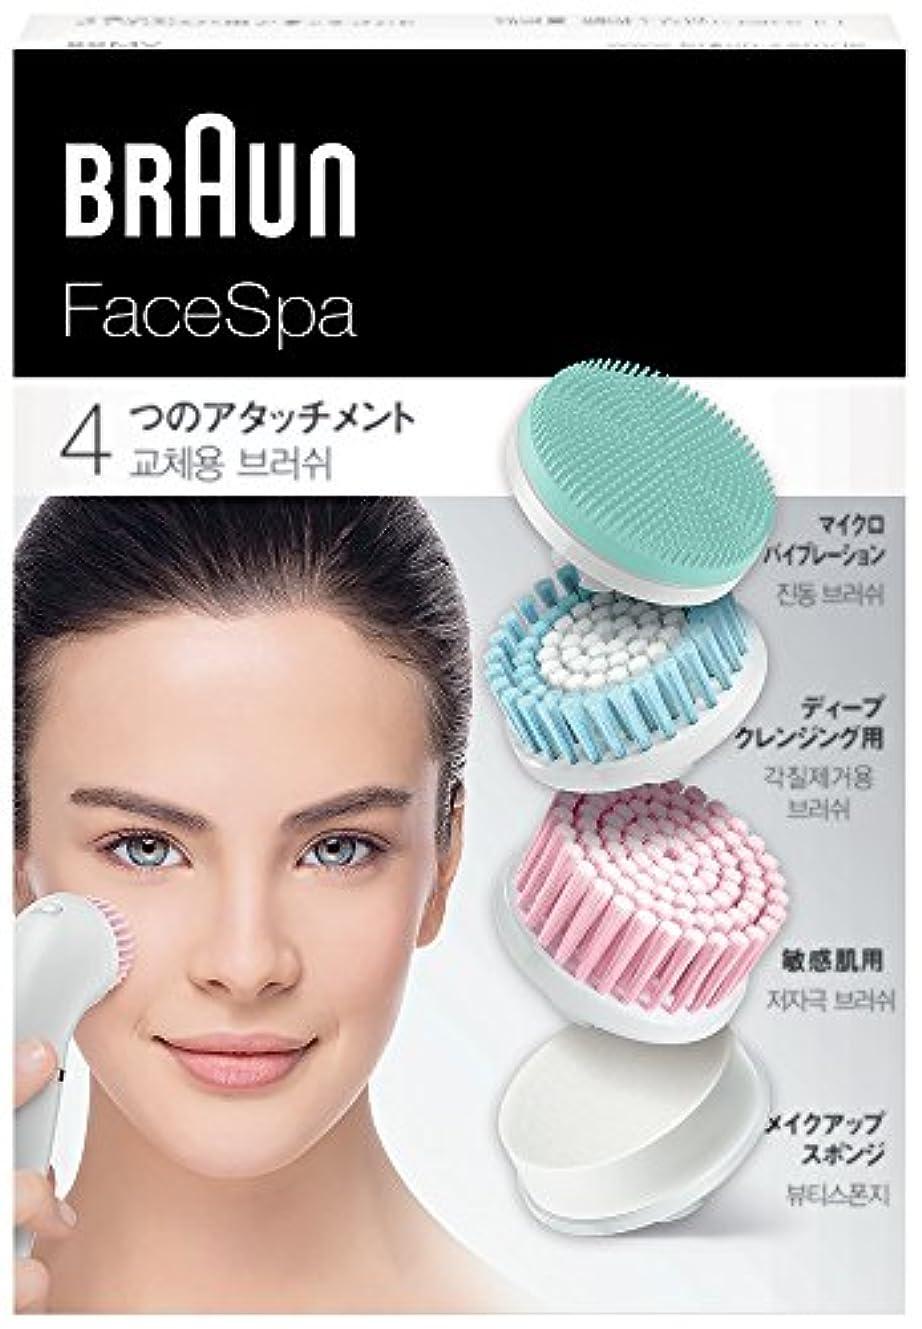 素子実験的ありがたいブラウン 洗顔ブラシ 顔用脱毛器(ブラウンフェイス)用 4種詰め合わせ 80-MV